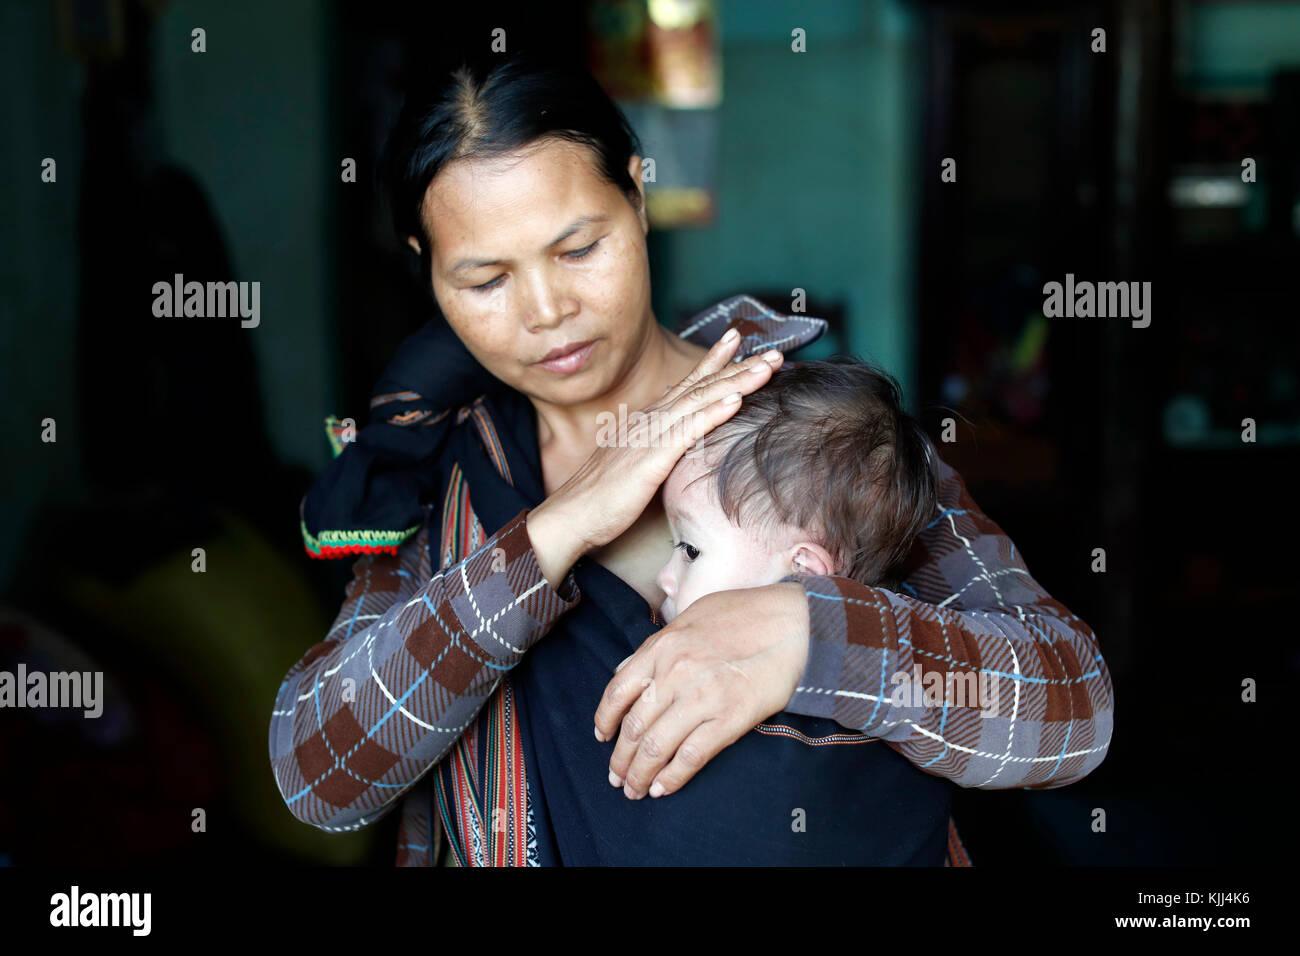 Mutter und ihre Jungen Leiden der Herzkrankheit. Kon Tum. Vietnam. Stockfoto